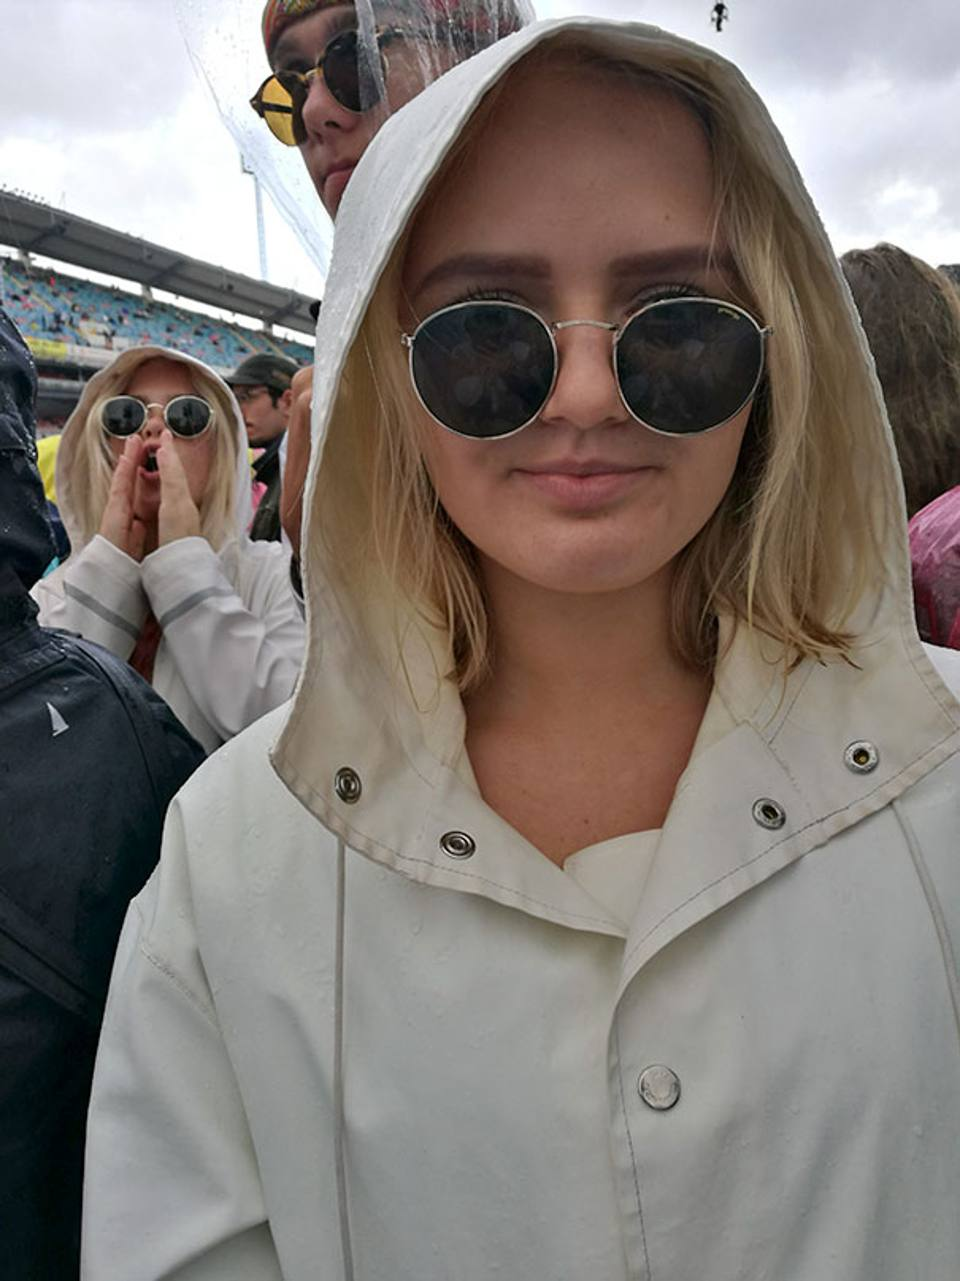 2 mujeres desconocidas se visten iguales